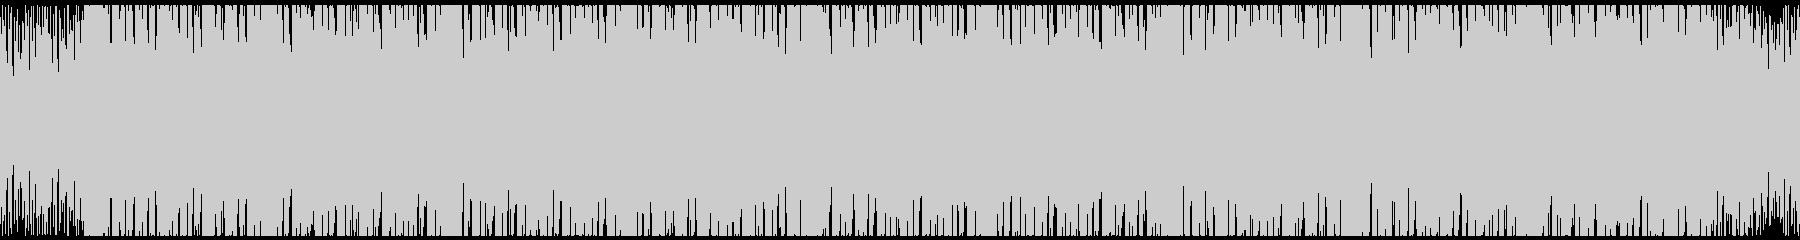 ノーマルバトル/和風/ゲーム系/M4の未再生の波形